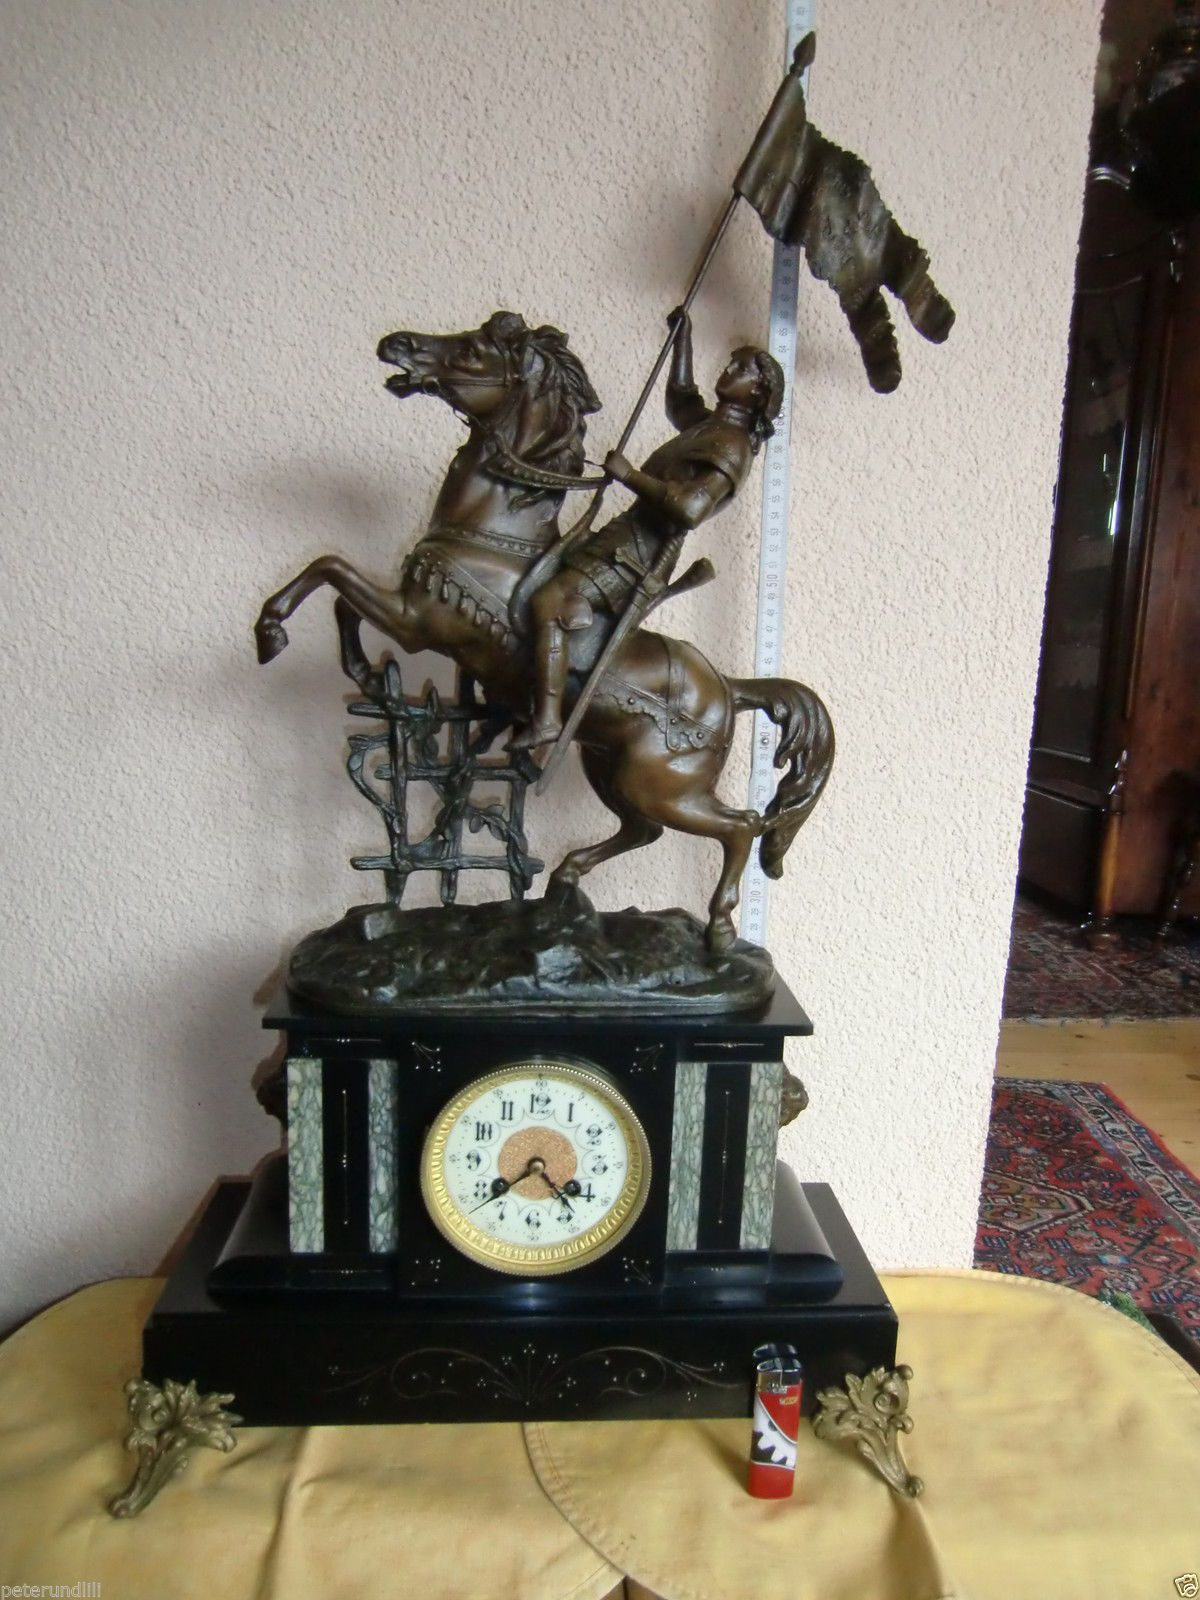 Franzosische Kaminuhr Sehr Grosse Uhr Mit Statue Von Joan D Arc 2 Helfte 19 Jh Ebay Kaminuhren Grosse Uhr Uhrideen